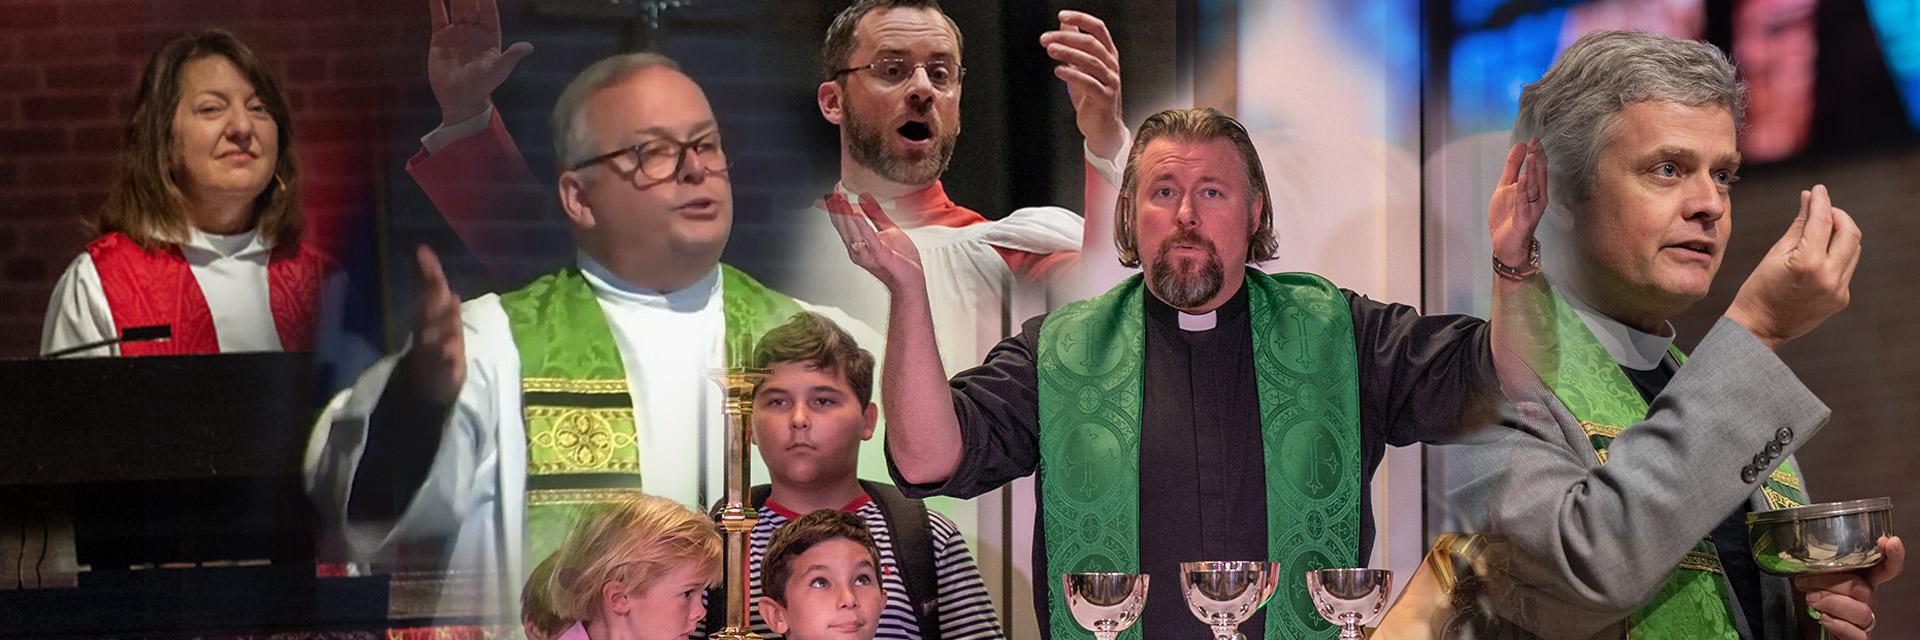 Holy Week at SMAA